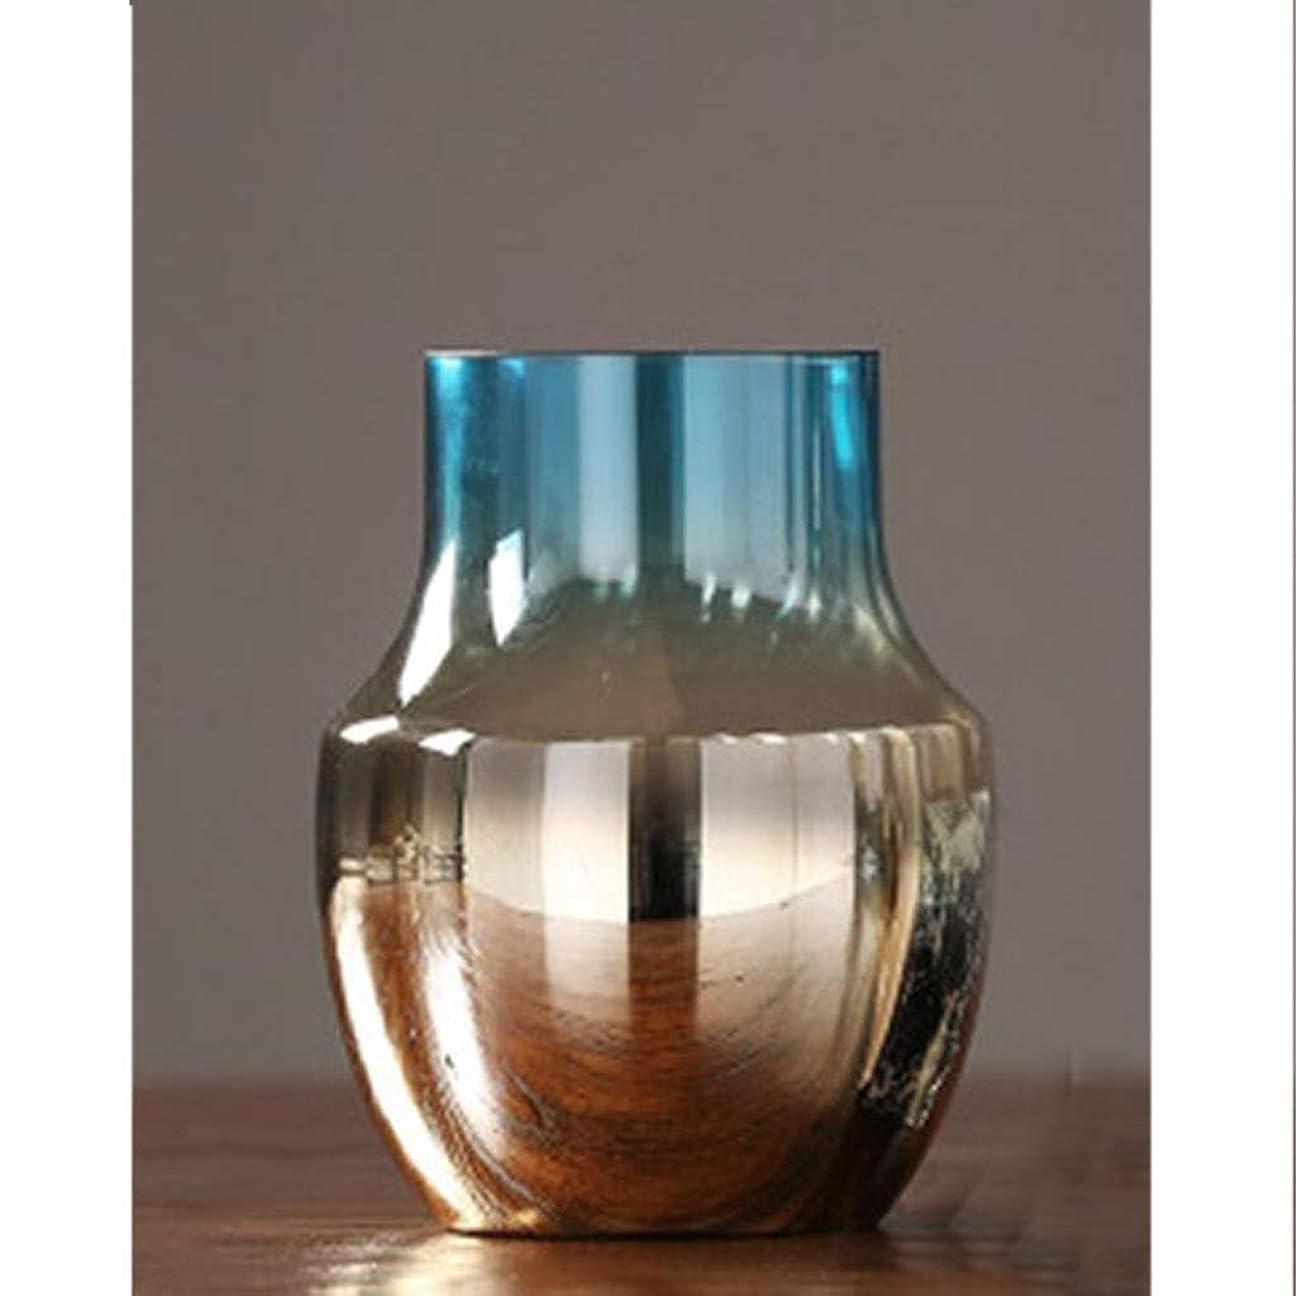 狐肌揺れる花器 高品質な素材美しいクラフトガラスがなめらかボトルエレガントな花瓶ボディ一般的なガラスを明らかに (Size : 21cm×15.5cm)